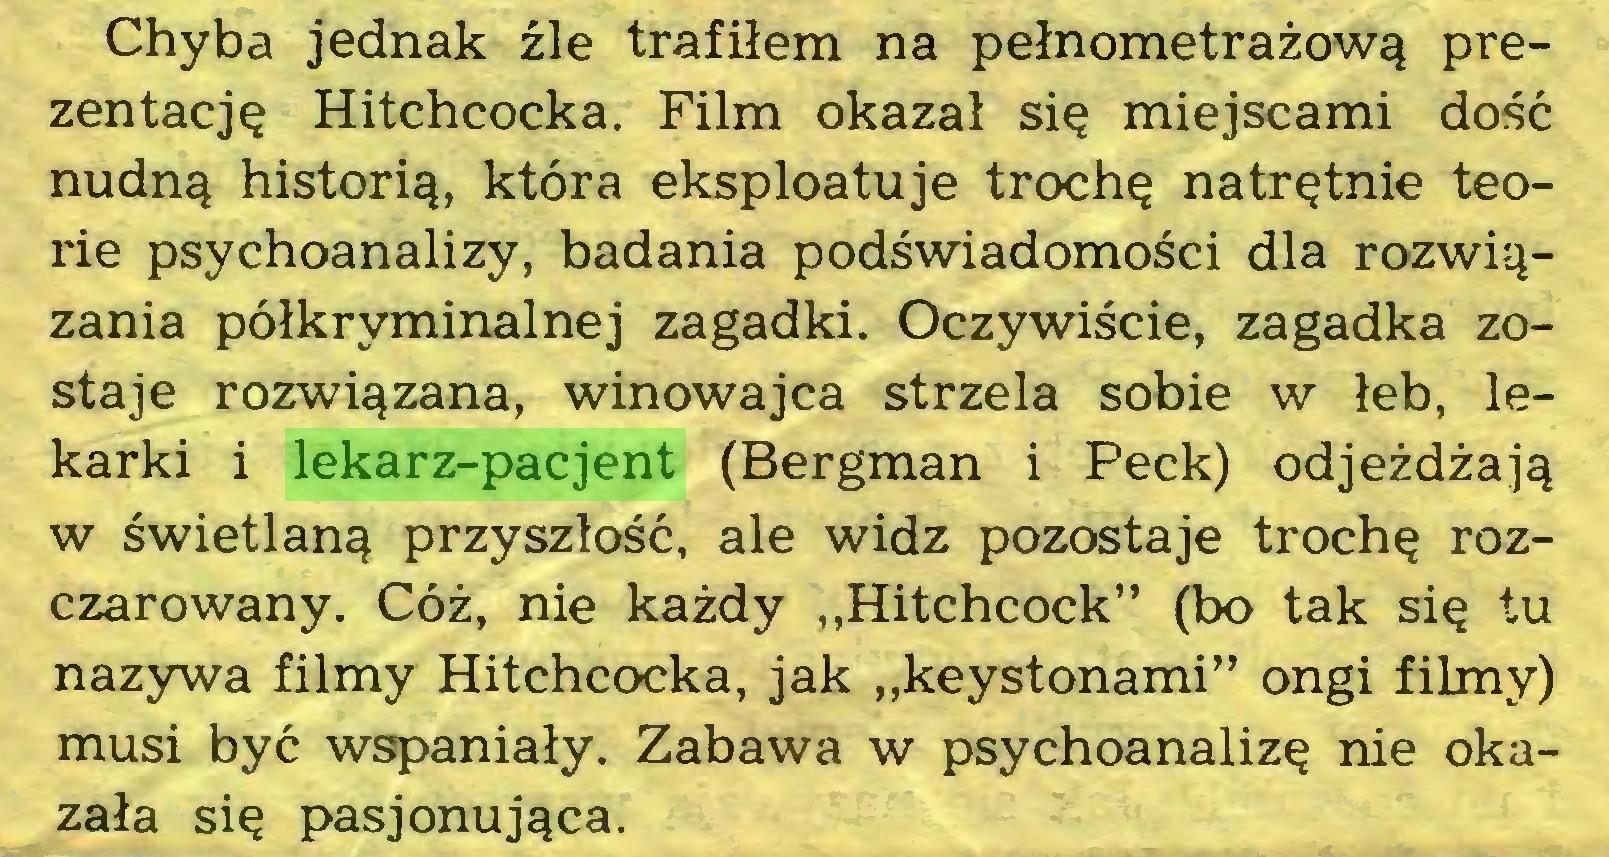 """(...) Chyba jednak źle trafiłem na pełnometrażową prezentację Hitchcocka. Film okazał się miejscami dość nudną historią, która eksploatuje trochę natrętnie teorie psychoanalizy, badania podświadomości dla rozwiązania półkryminalnej zagadki. Oczywiście, zagadka zostaje rozwiązana, winowajca strzela sobie w łeb, lekarki i lekarz-pacjent (Bergman i Peck) odjeżdżają w świetlaną przyszłość, ale widz pozostaje trochę rozczarowany. Cóż, nie każdy """"Hitchcock"""" (bo tak się tu nazywa filmy Hitchcocka, jak """"keystonami"""" ongi filmy) musi być wspaniały. Zabawa w psychoanalizę nie okazała się pasjonująca..."""